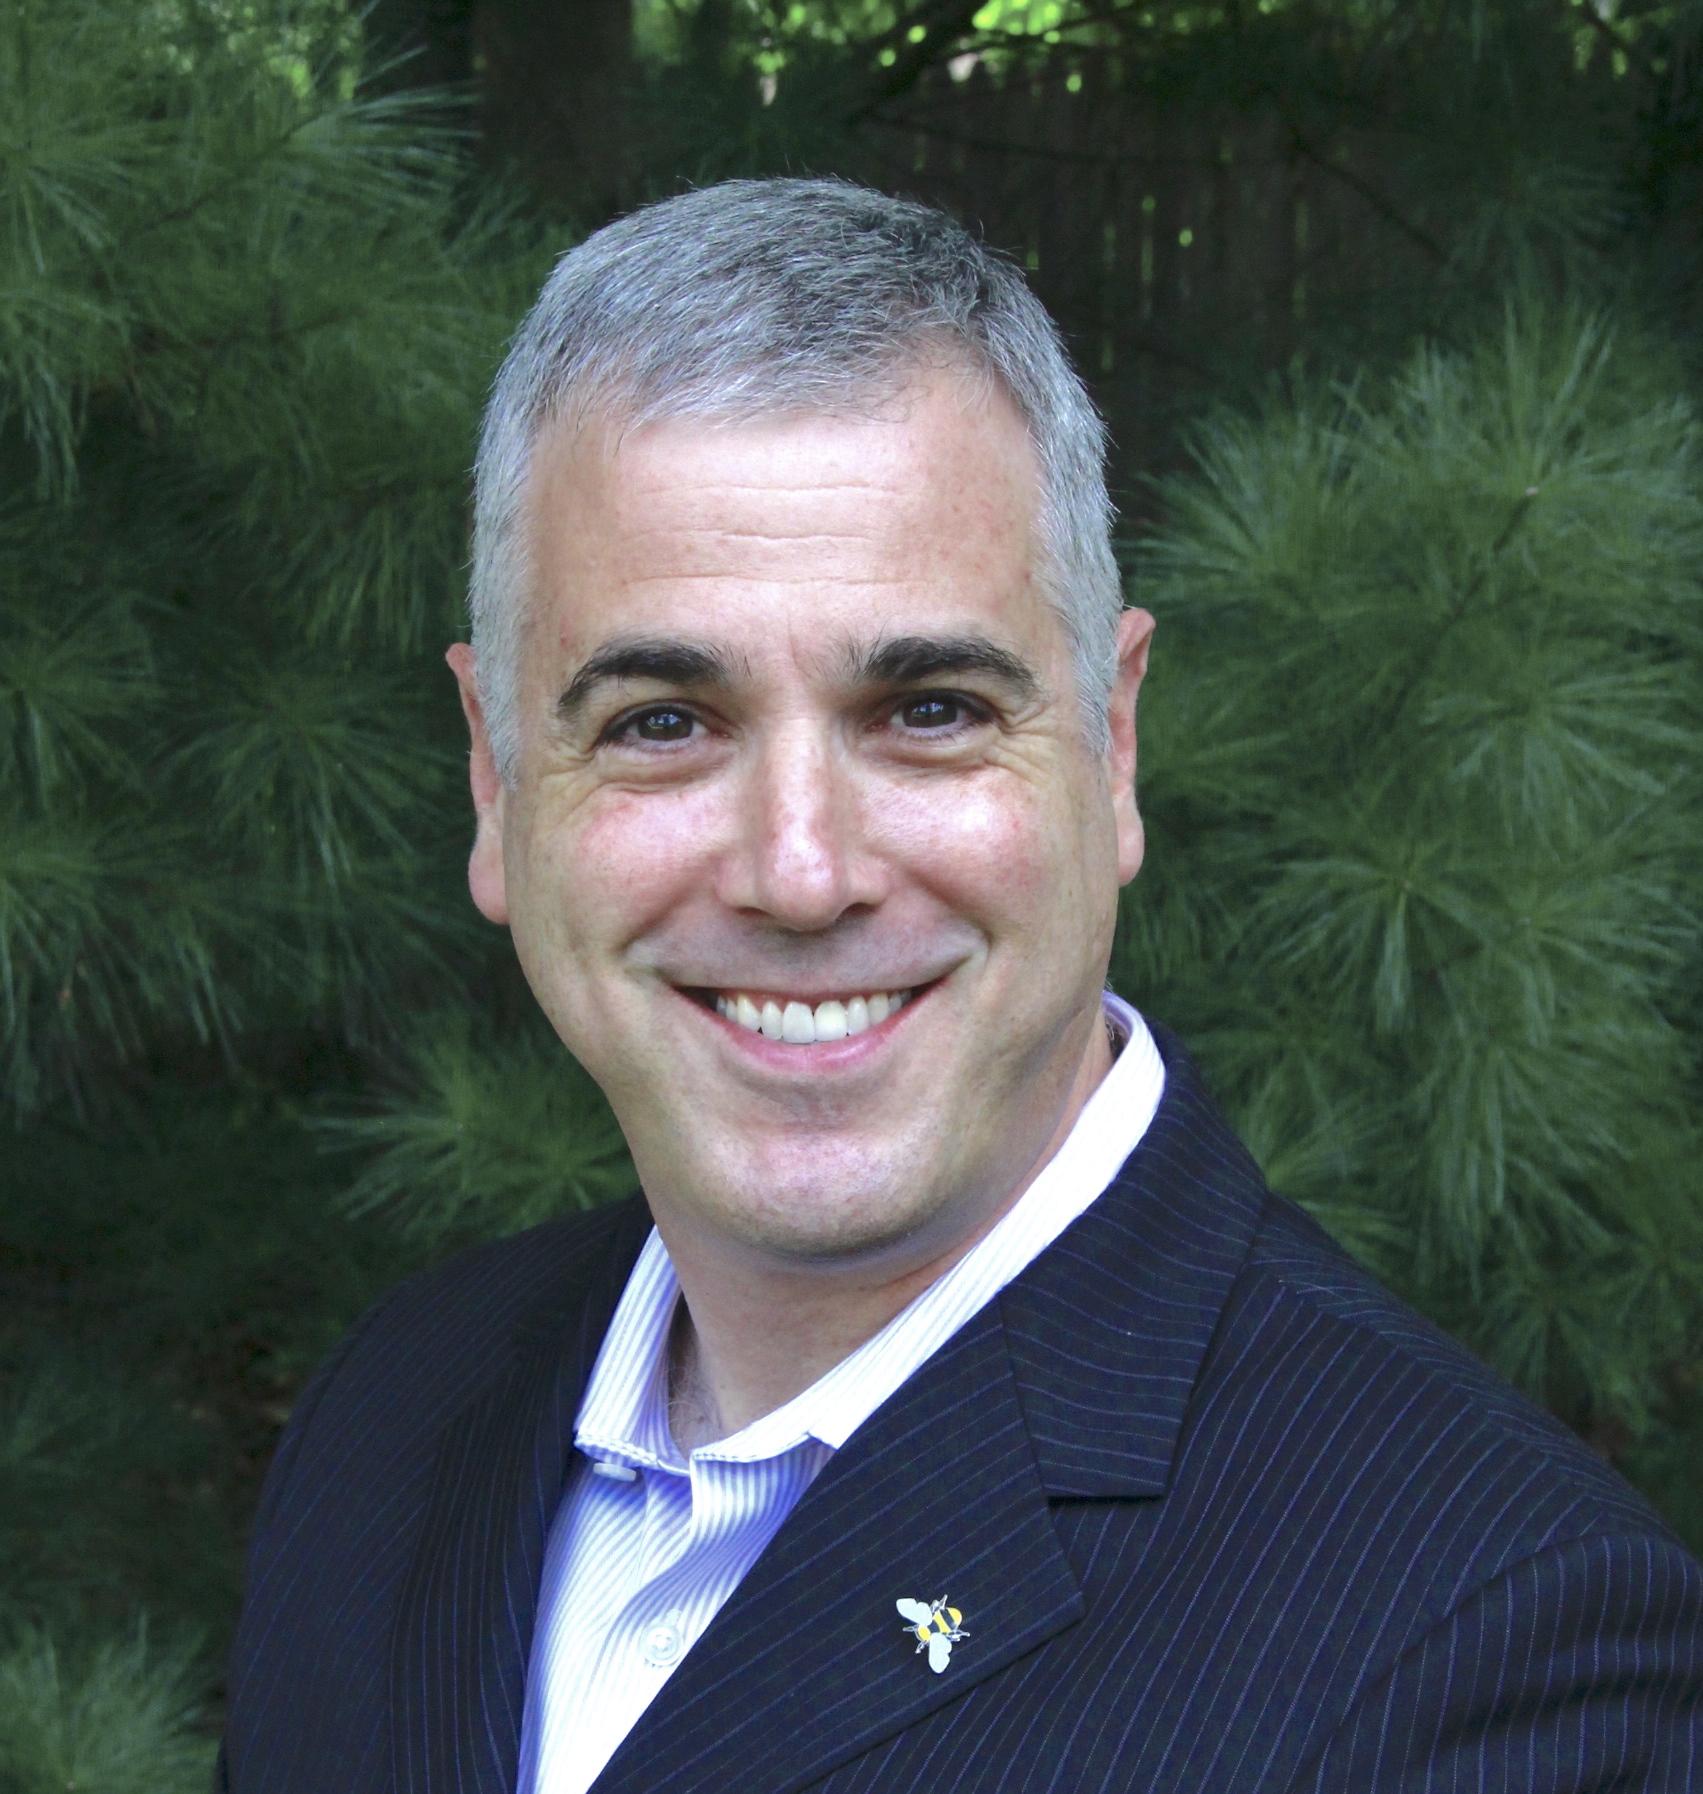 Guest Geoffrey Klein